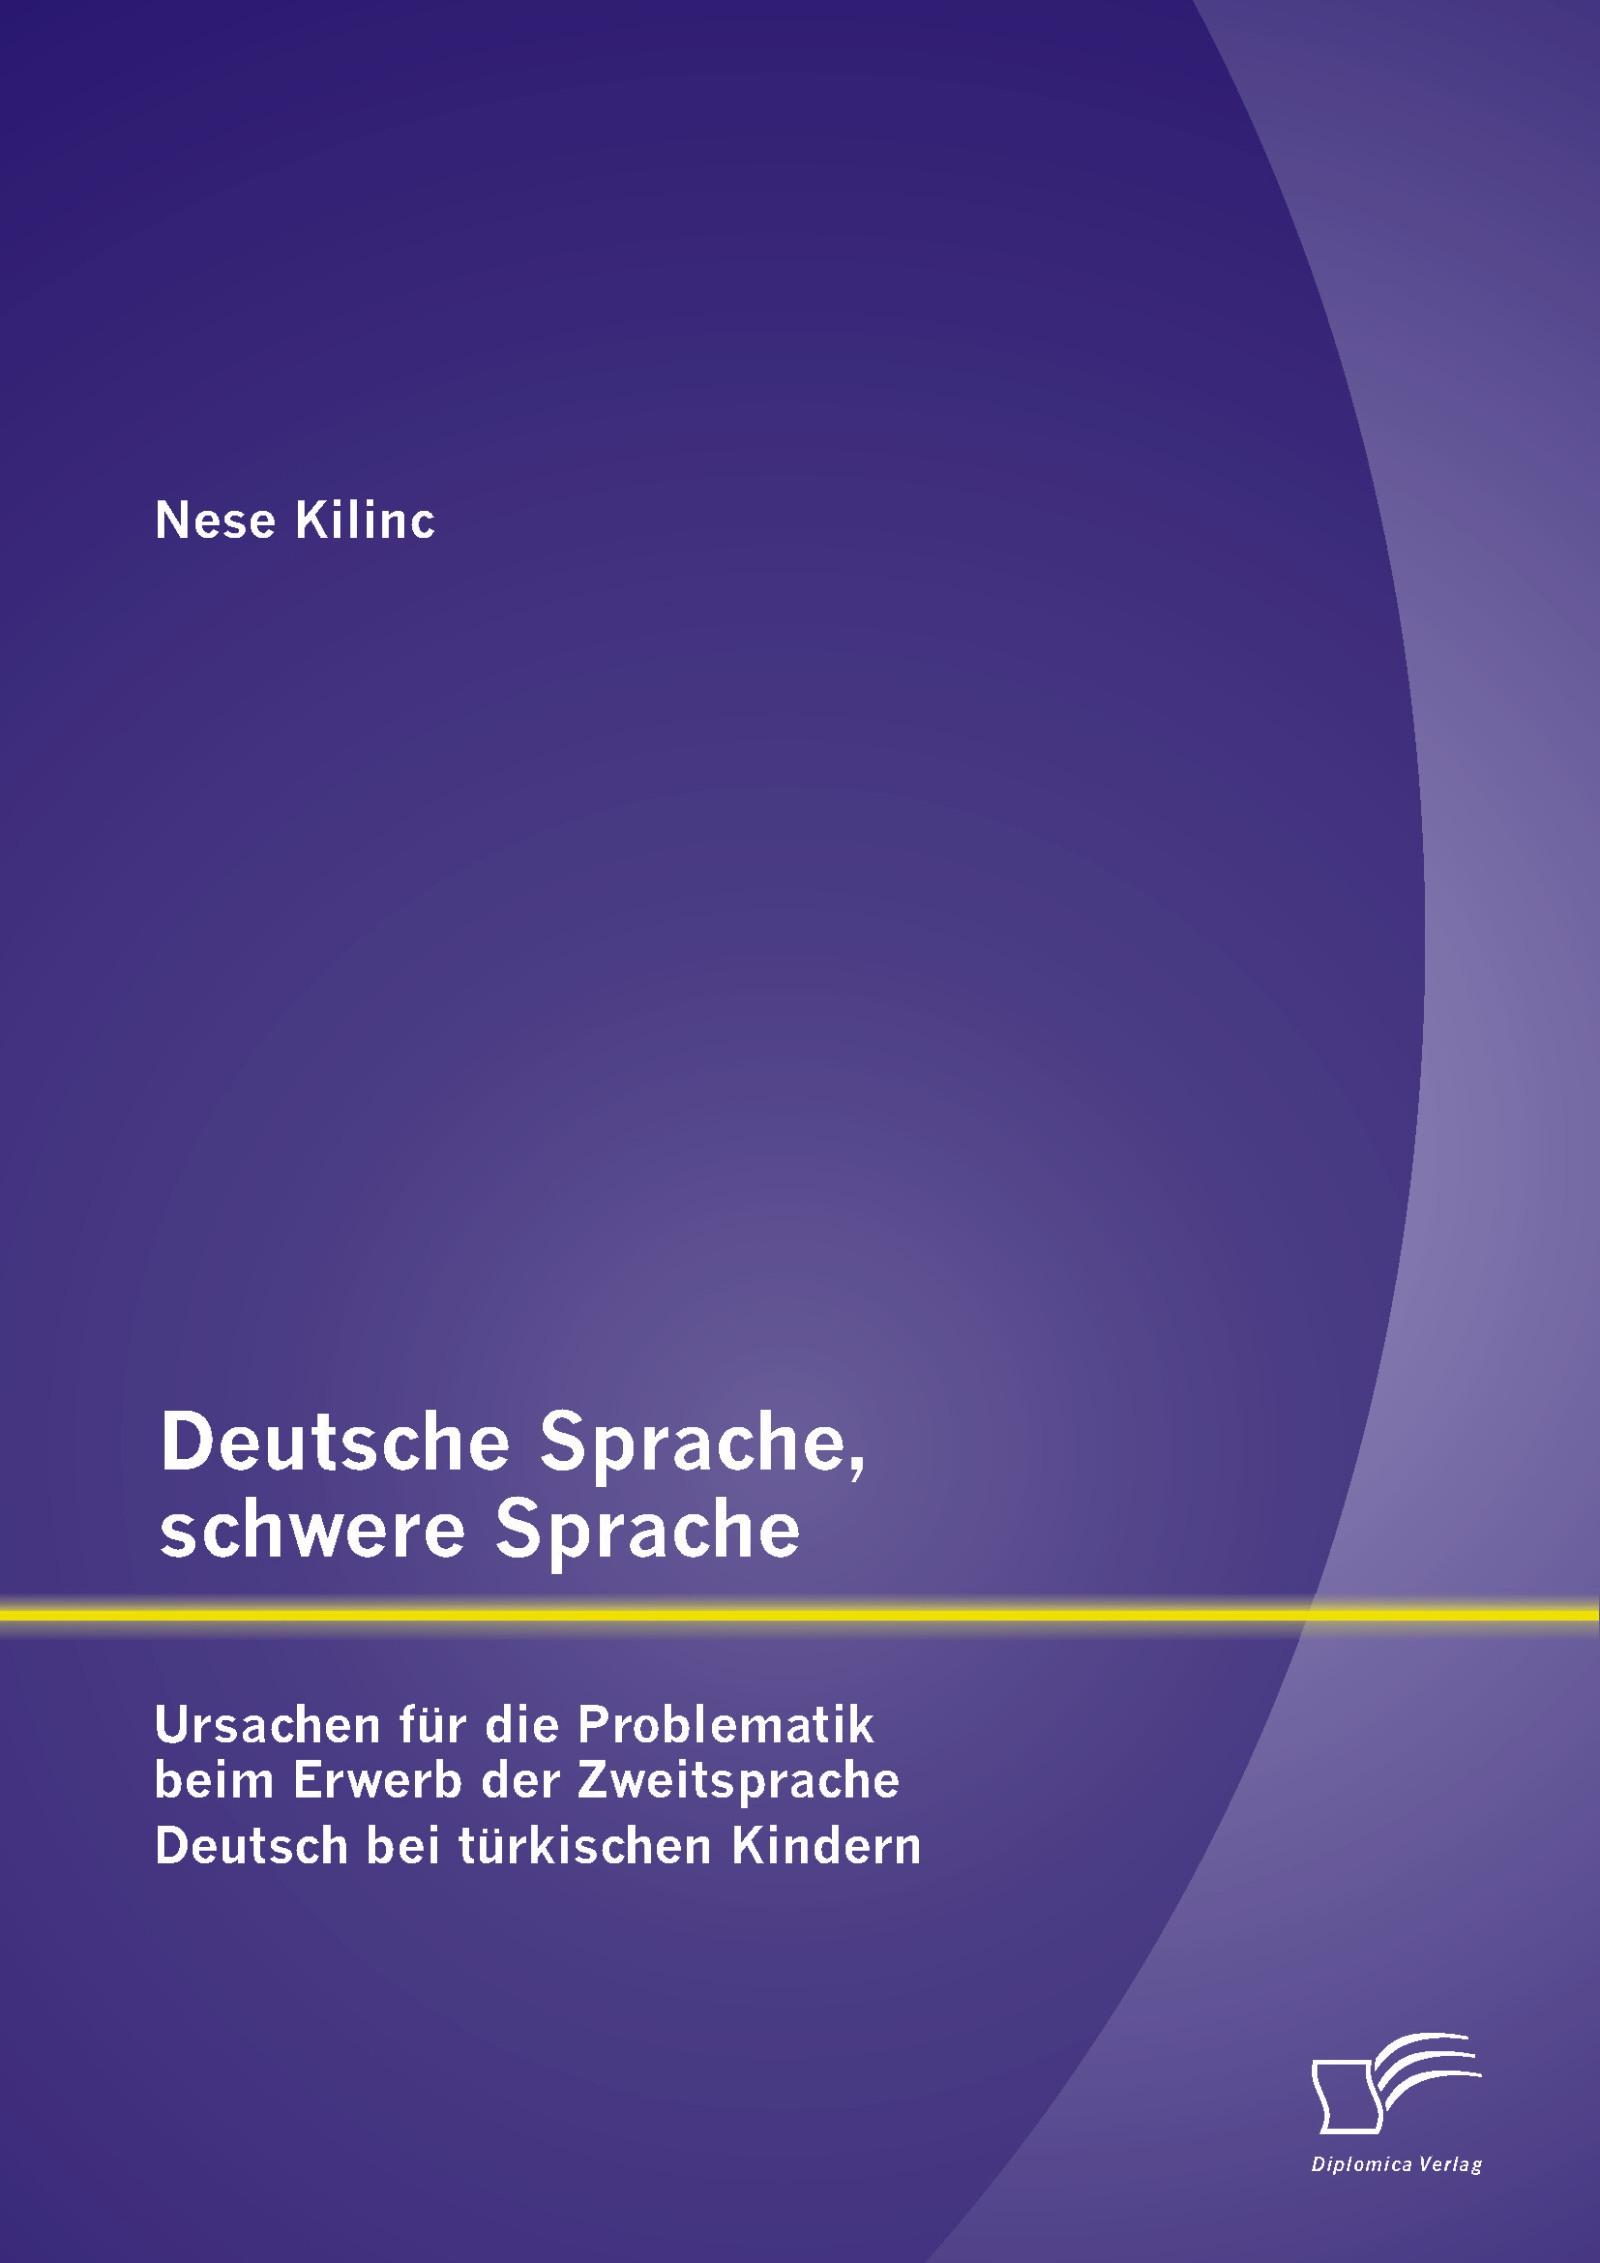 Deutsche Sprache Schwere Sprache Ursachen Für Die Problematik Beim